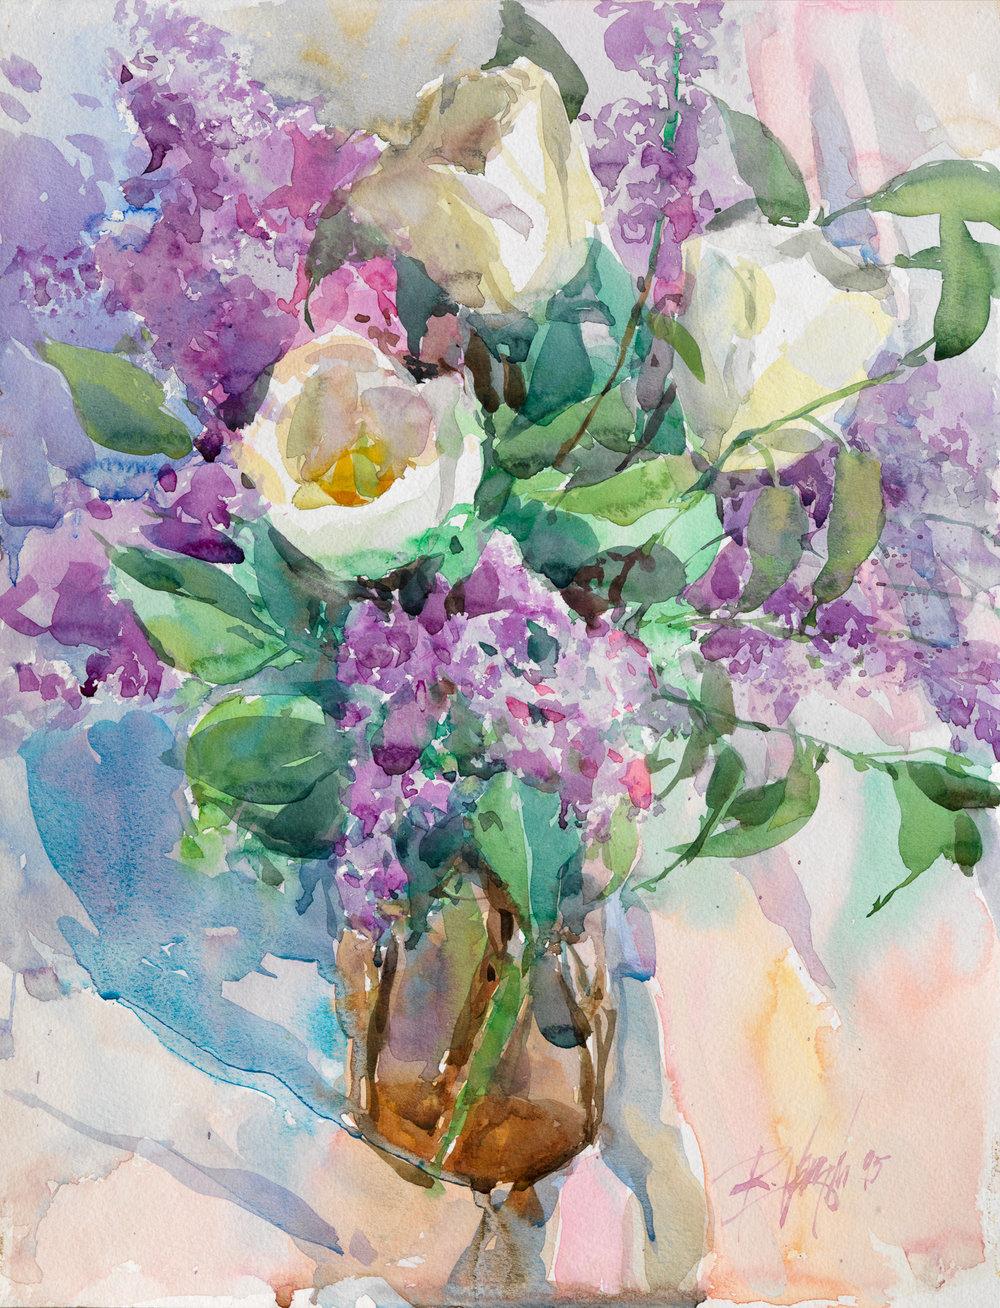 violet_flowers_print13x17print.jpg